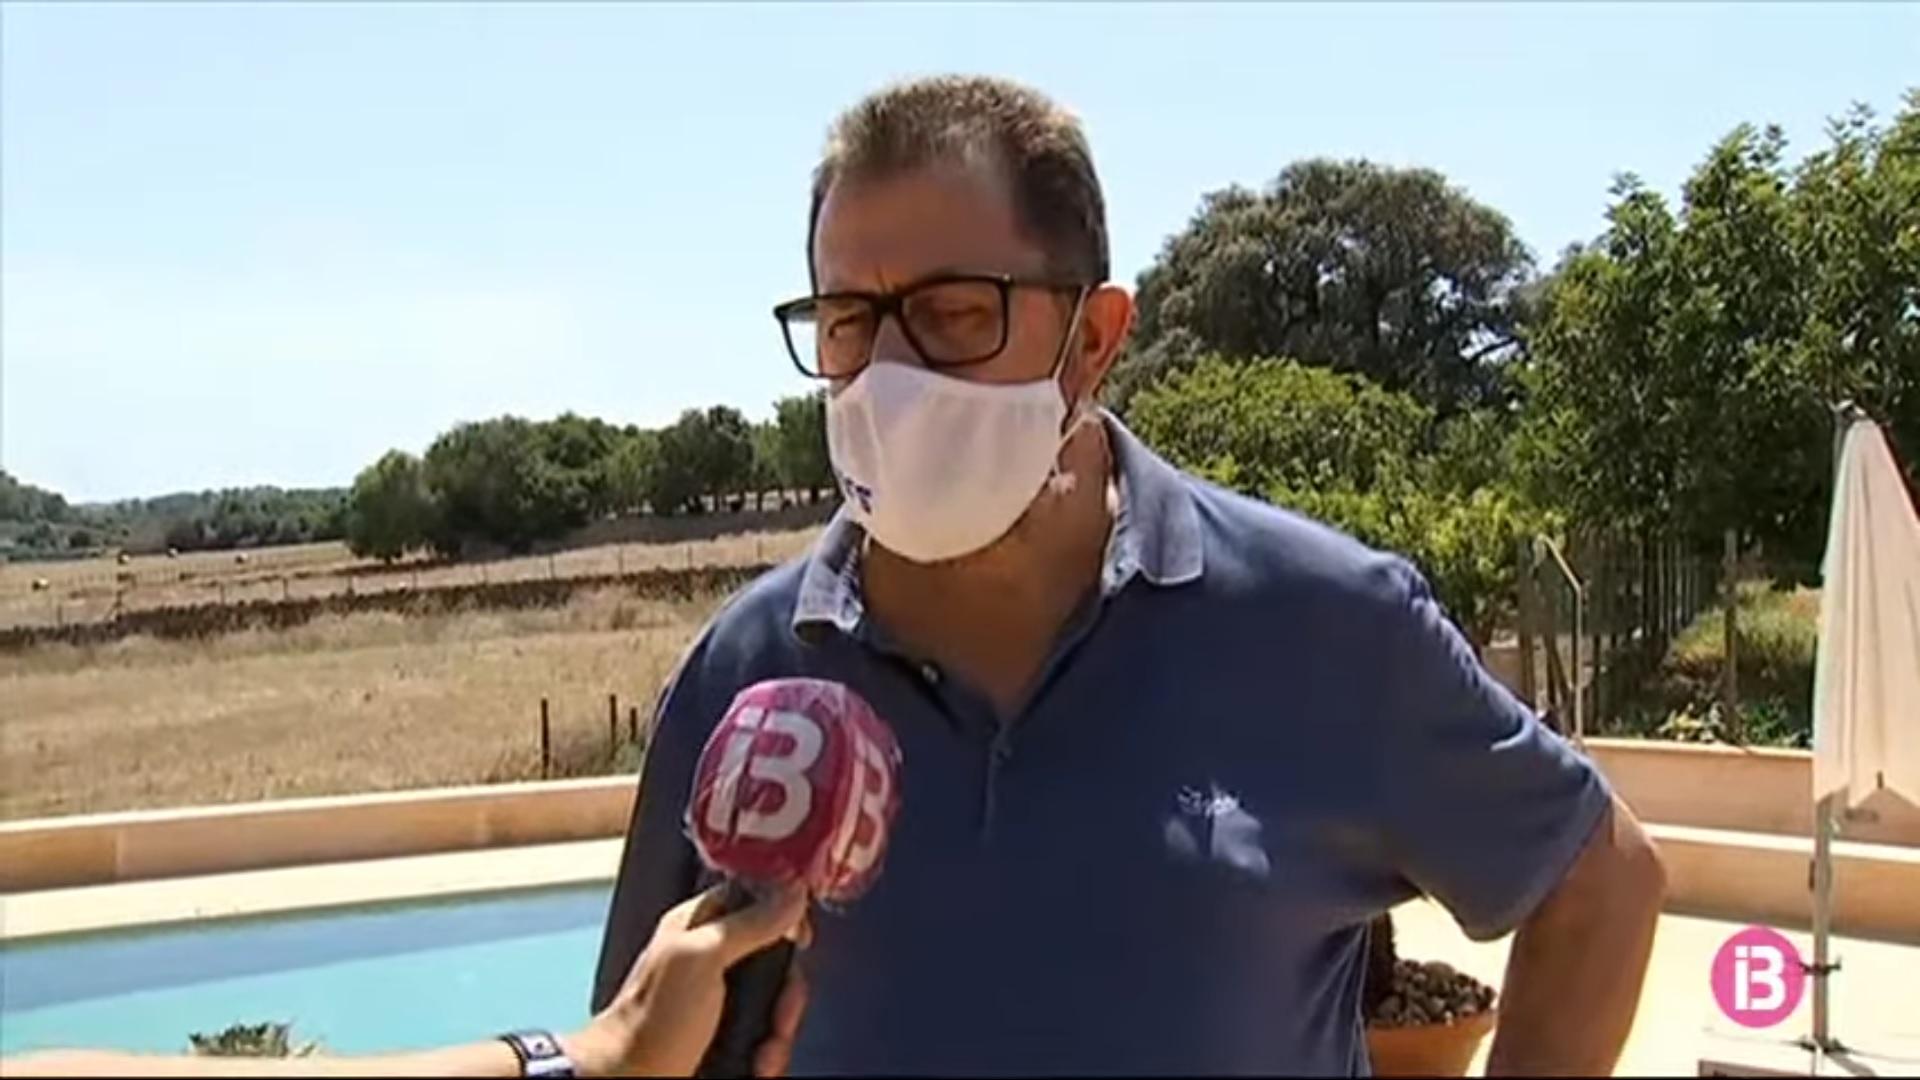 Miquel+Jaume%3A+%26%238216%3BNo+podem+pagar+a+40+persones+amb+0+ingresos%27